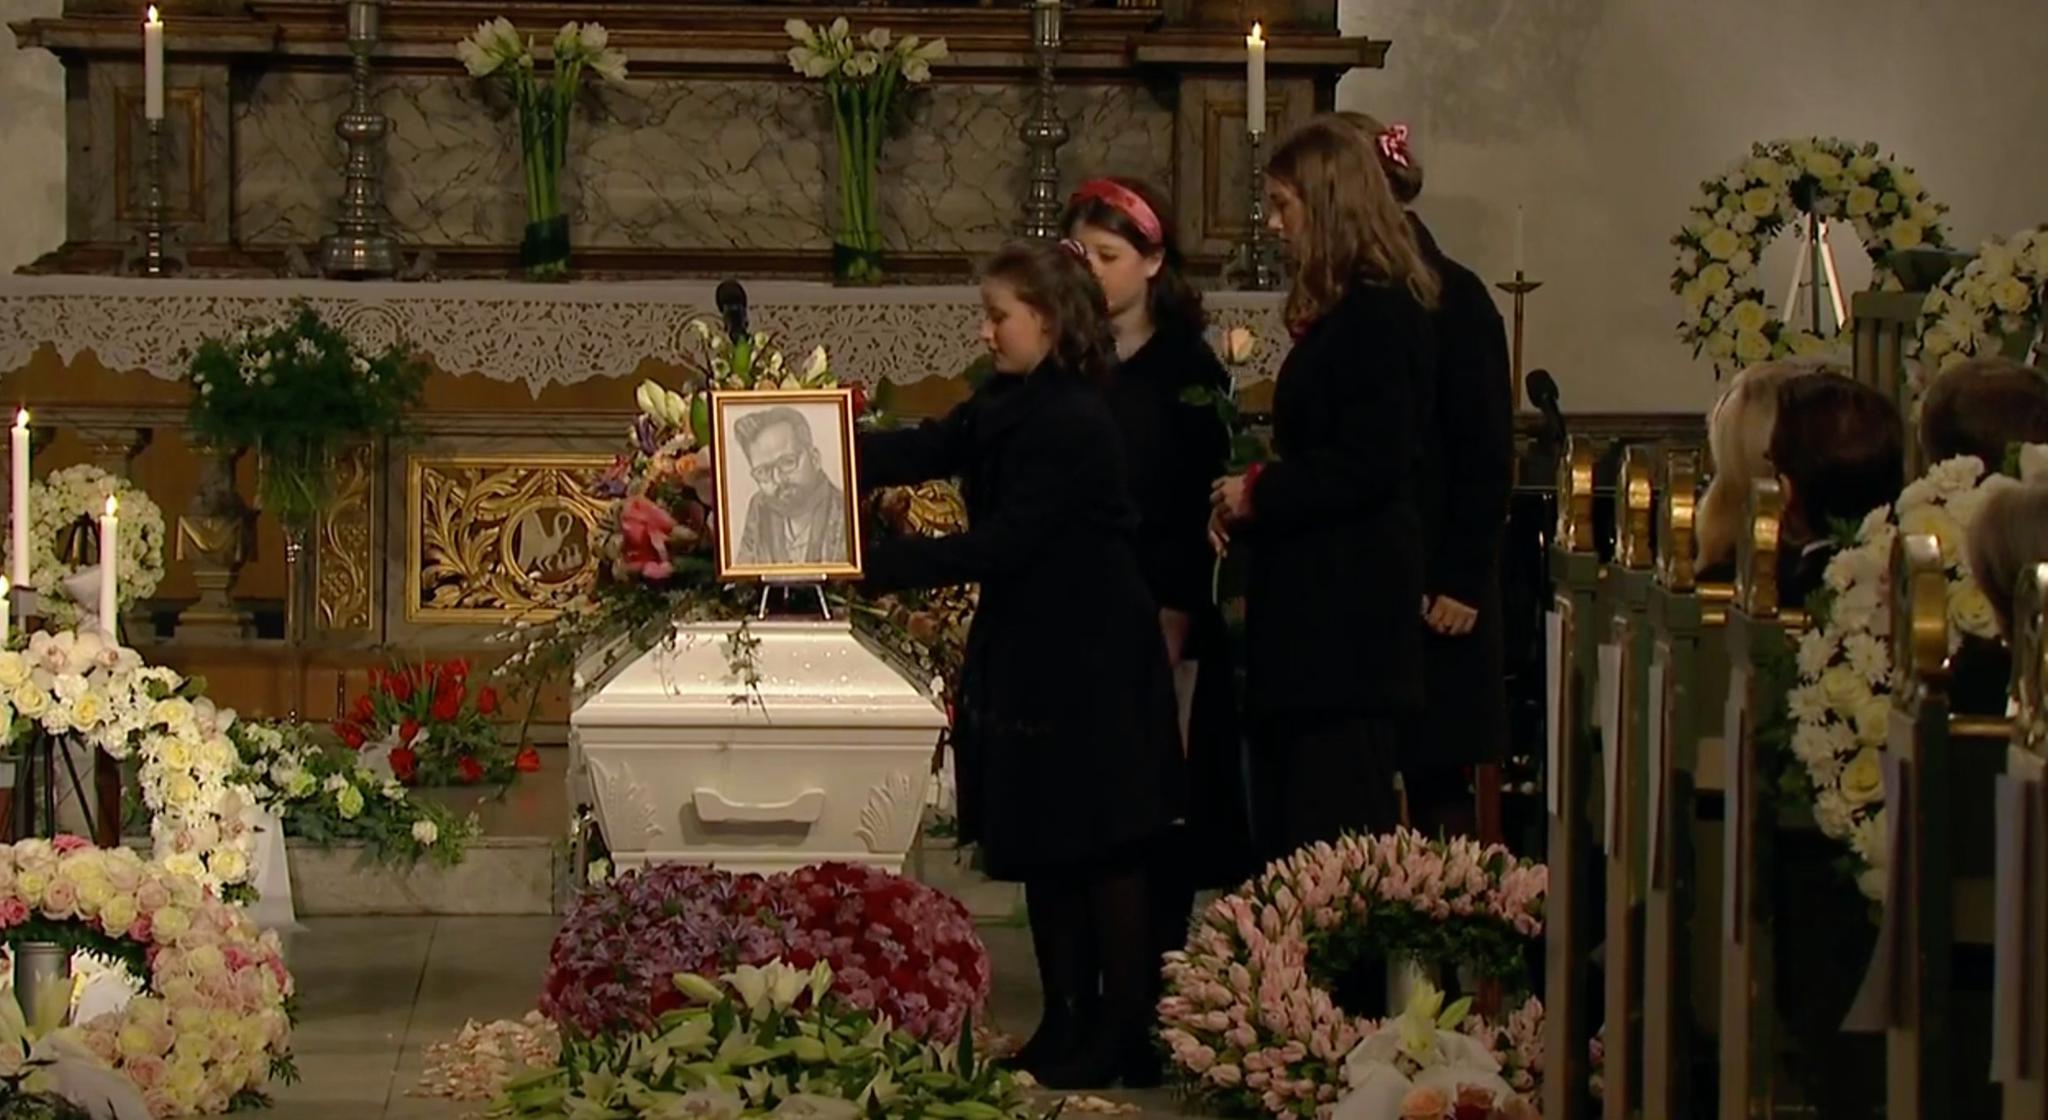 Ari Behns Kinder schmücken seinen Sarg mit weiteren Blumen. Zuvor stellte Maud Angelica ihre Zeichnung auf.